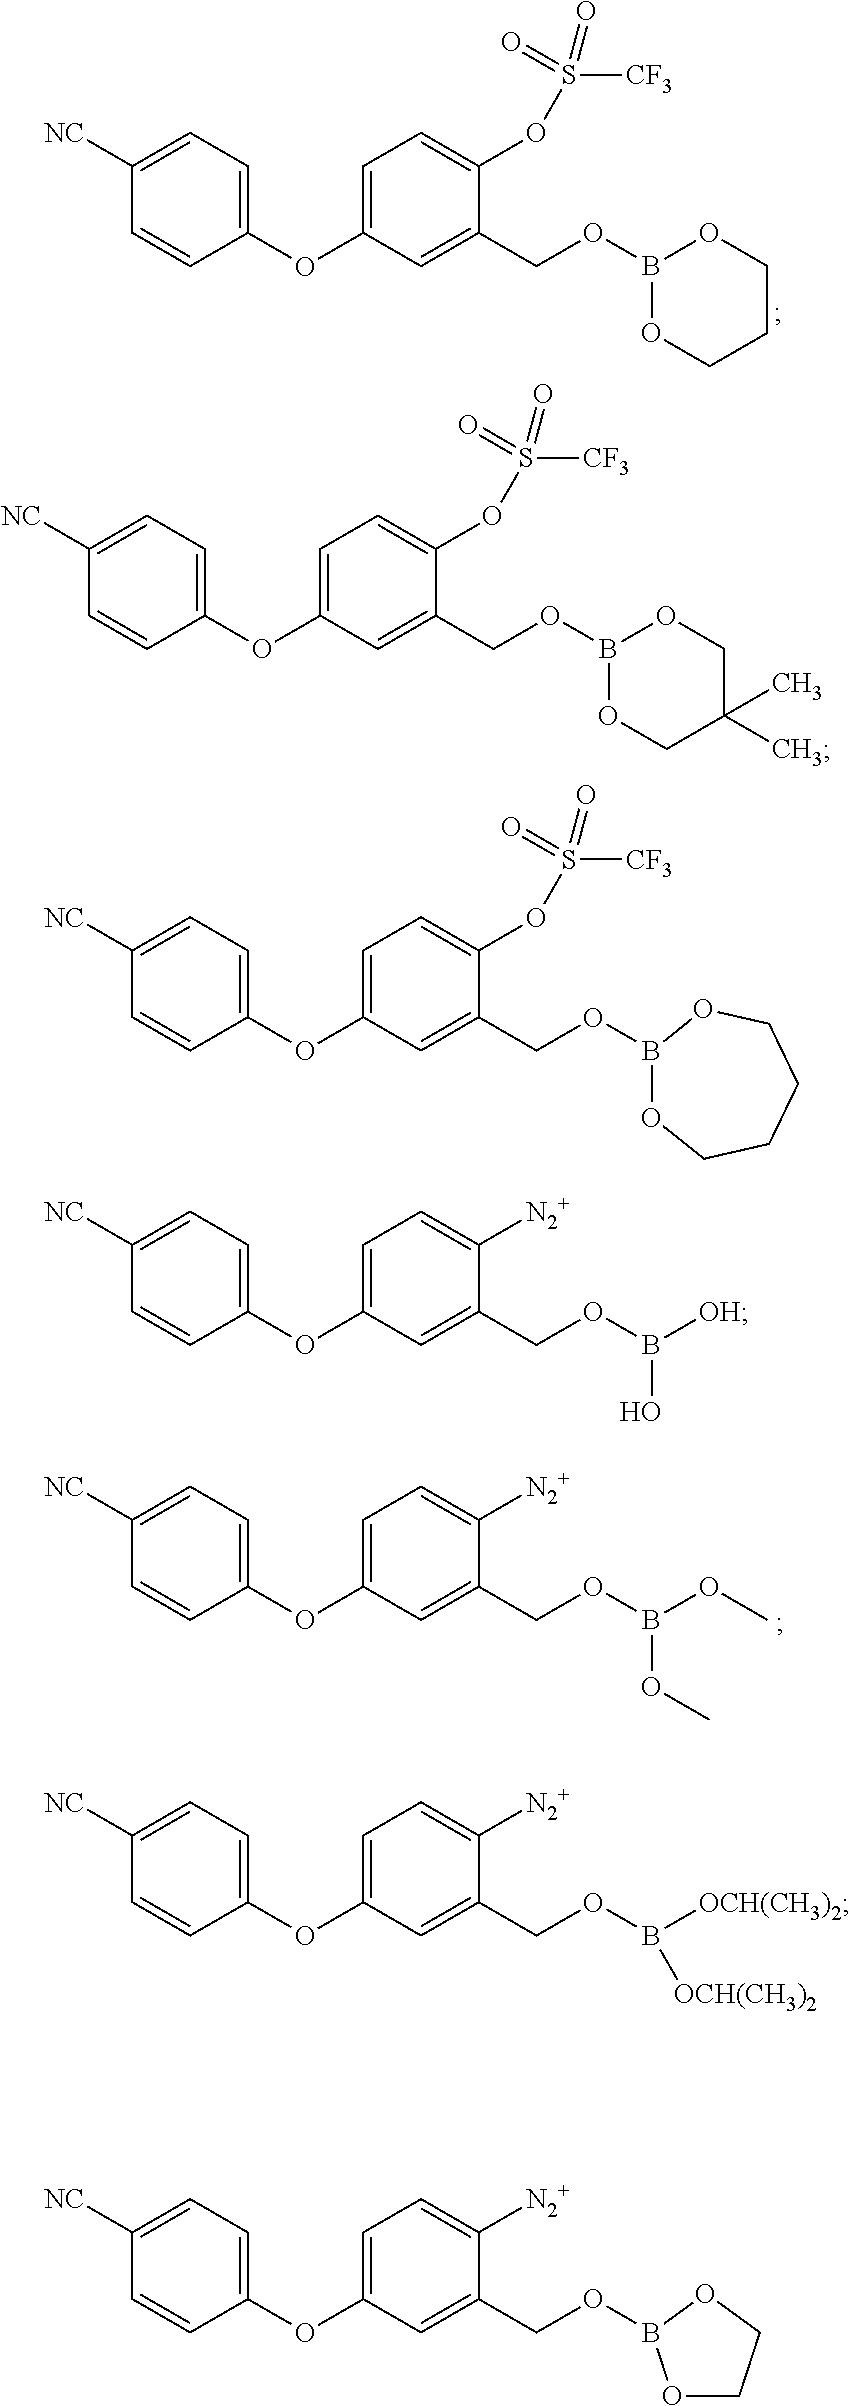 Figure US09566289-20170214-C00114